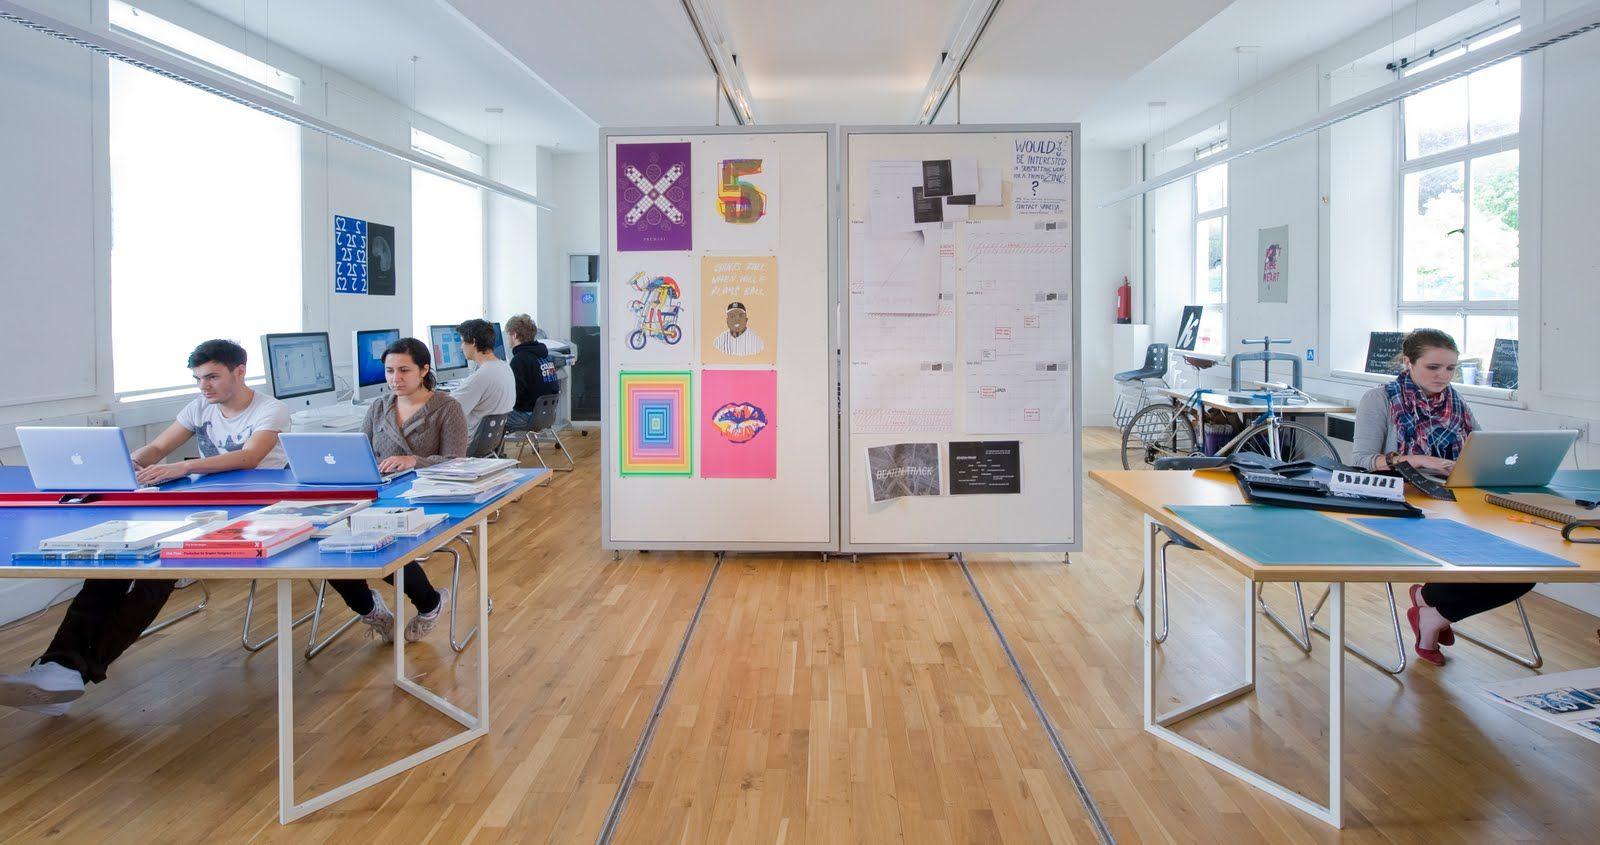 design studio office - Google Search | Office interior ...